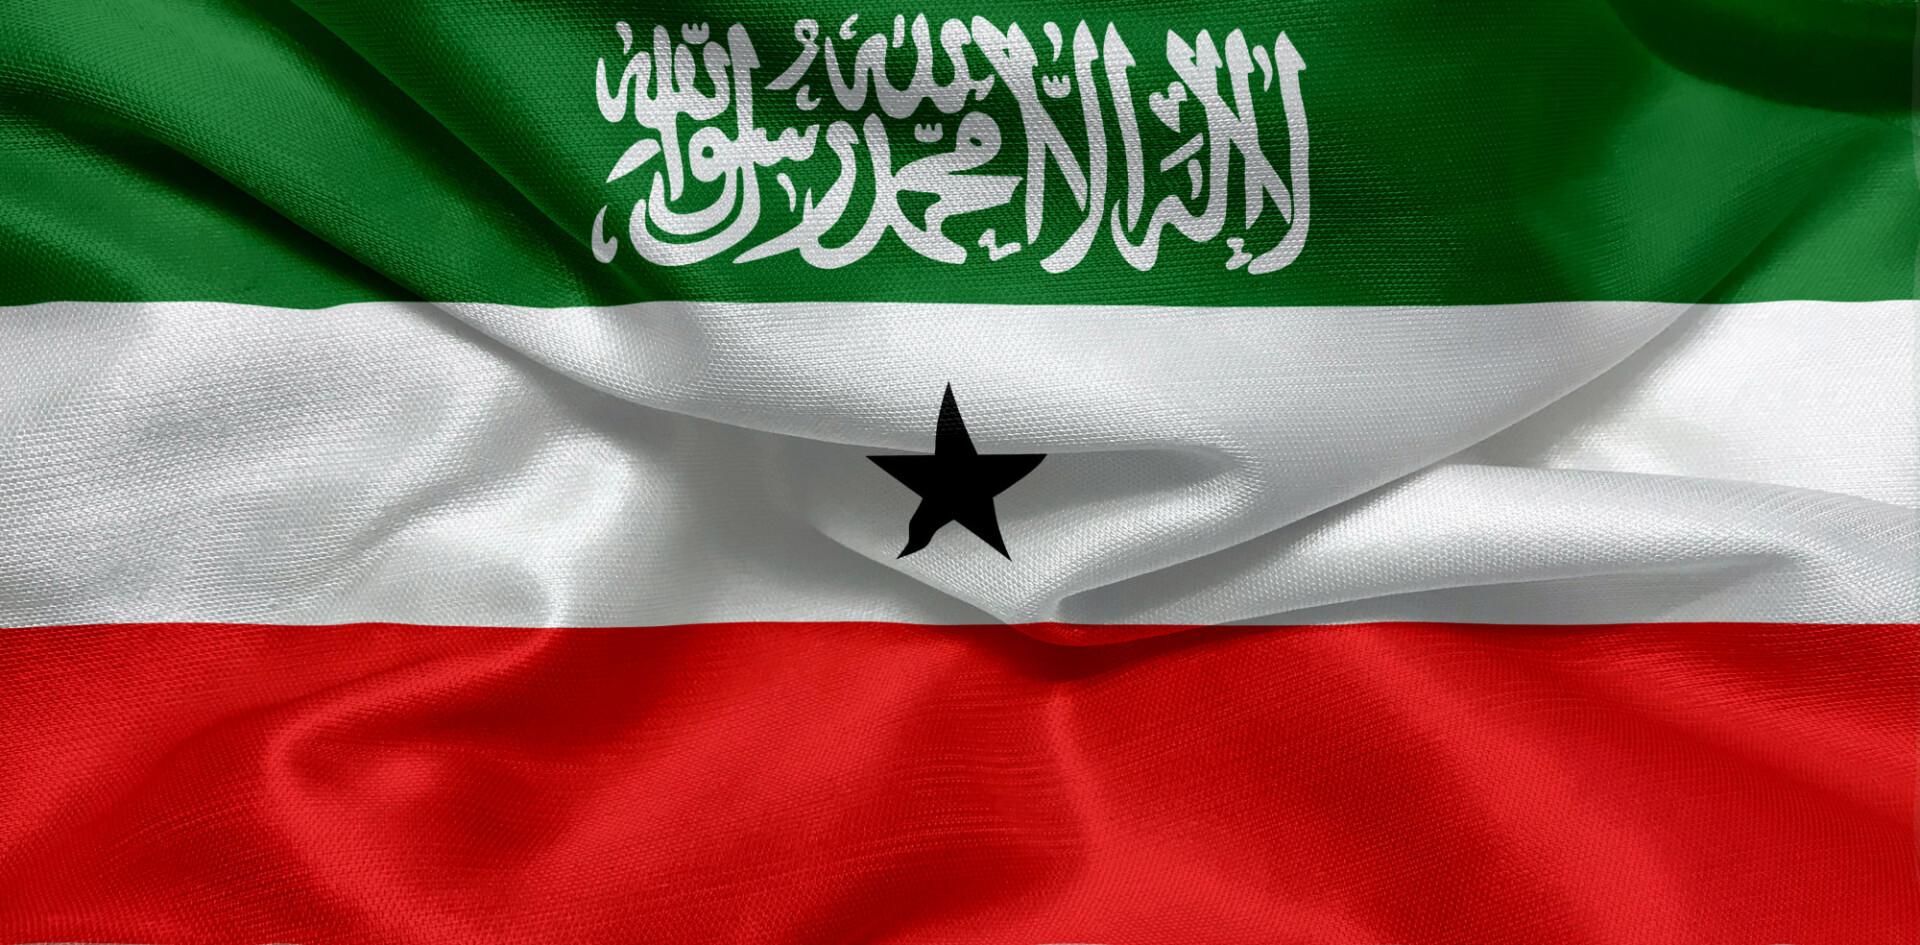 Flag of Somaliland